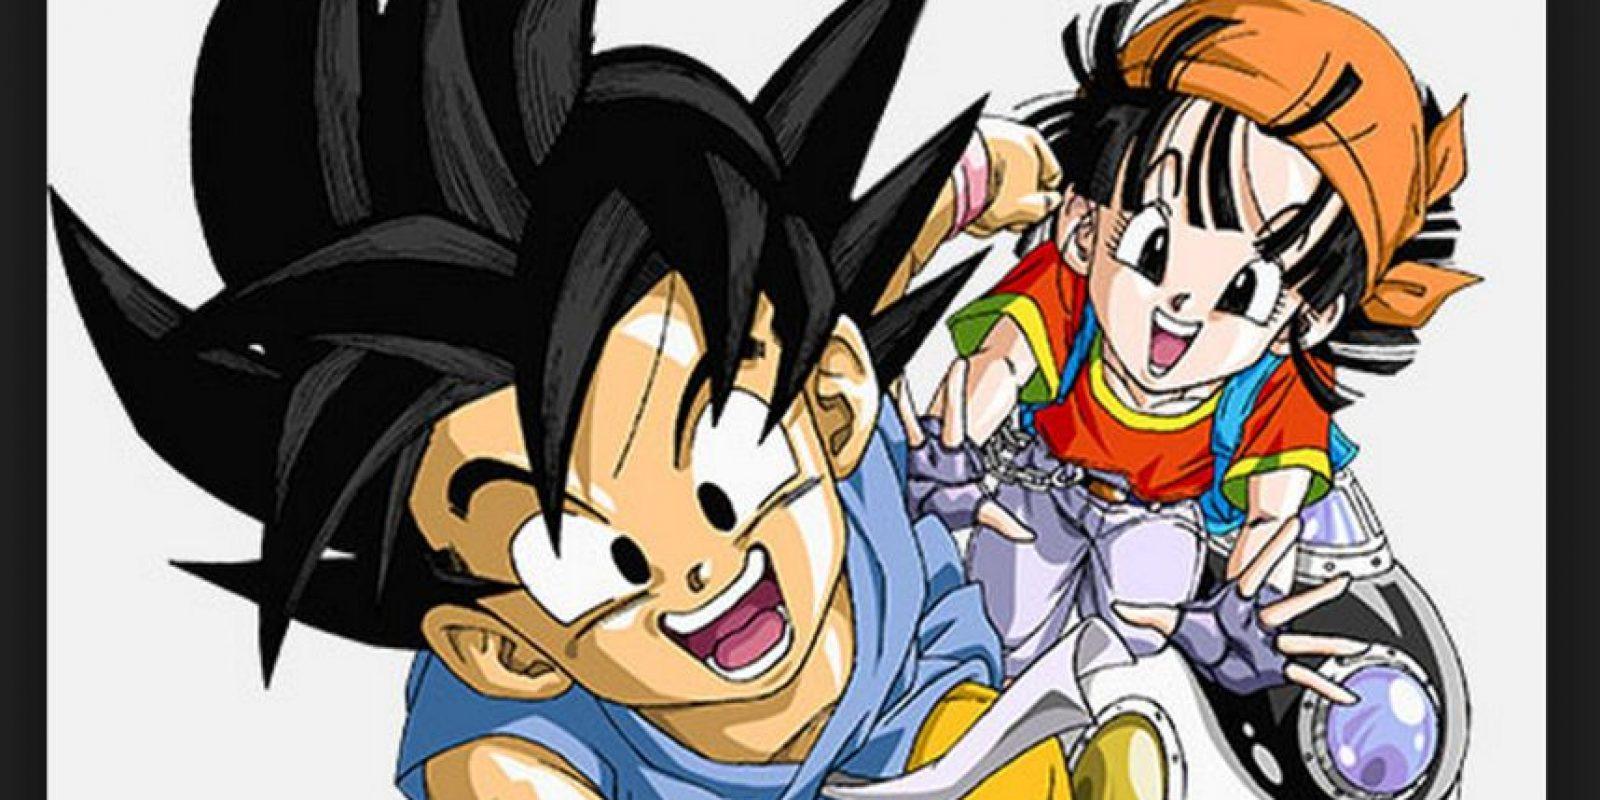 """""""Dragon Ball GT"""" es una especie de versión alterna a """"Dragon Ball"""", con """"Goku"""", """"Pan"""" y """"Trunks"""" como personajes principales Foto:Akira Toriyama/Fuji Television"""